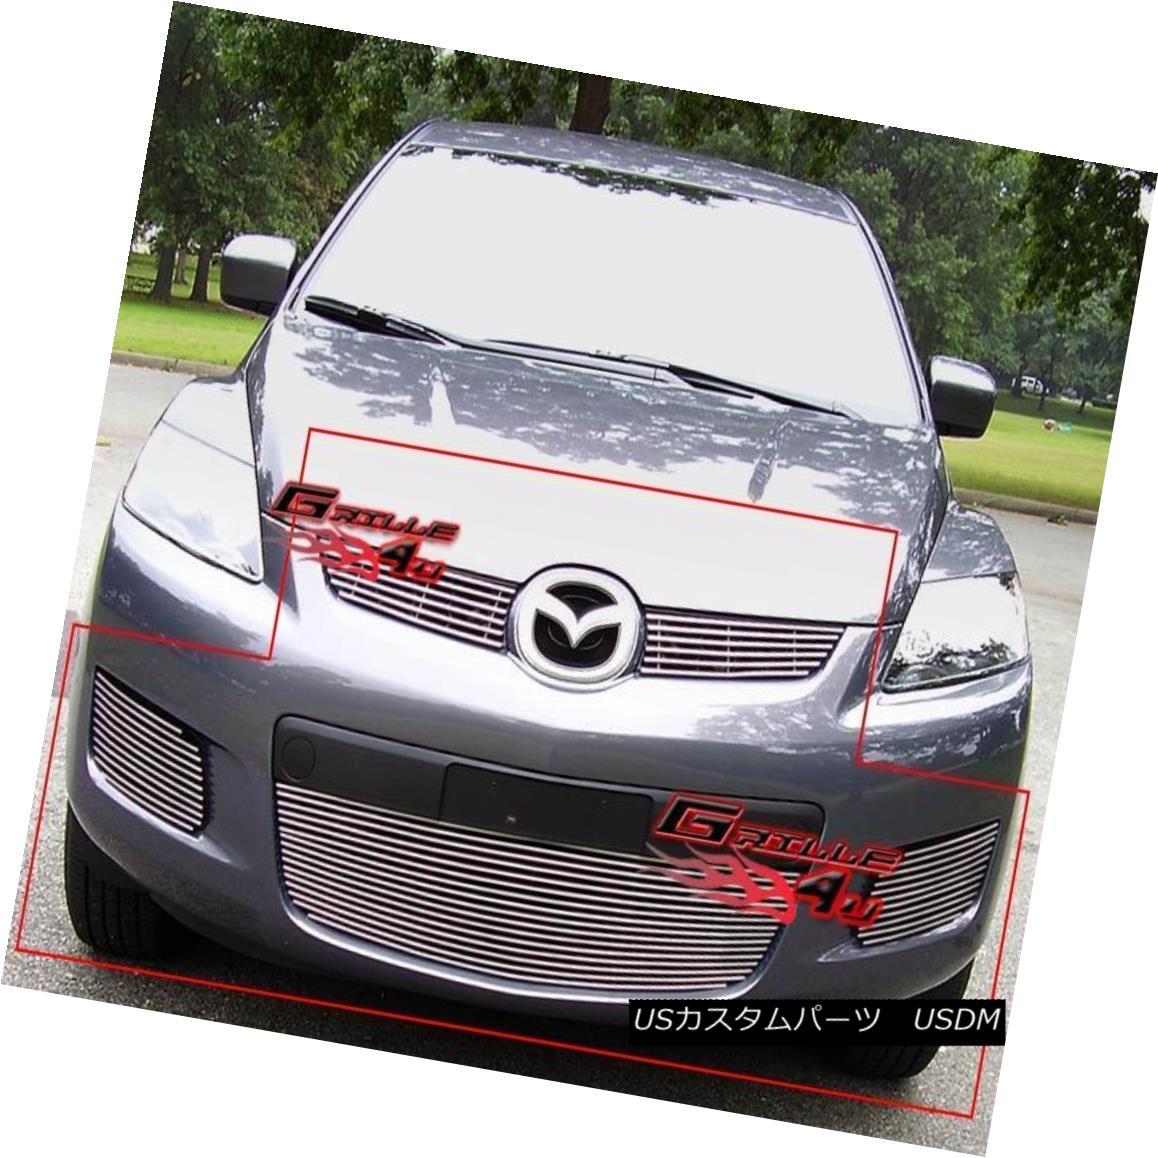 グリル For 07-09 Mazda CX7 CX-7 Billet Grille Combo Insert 07-09マツダCX7 CX-7ビレットグリルコンボインサート